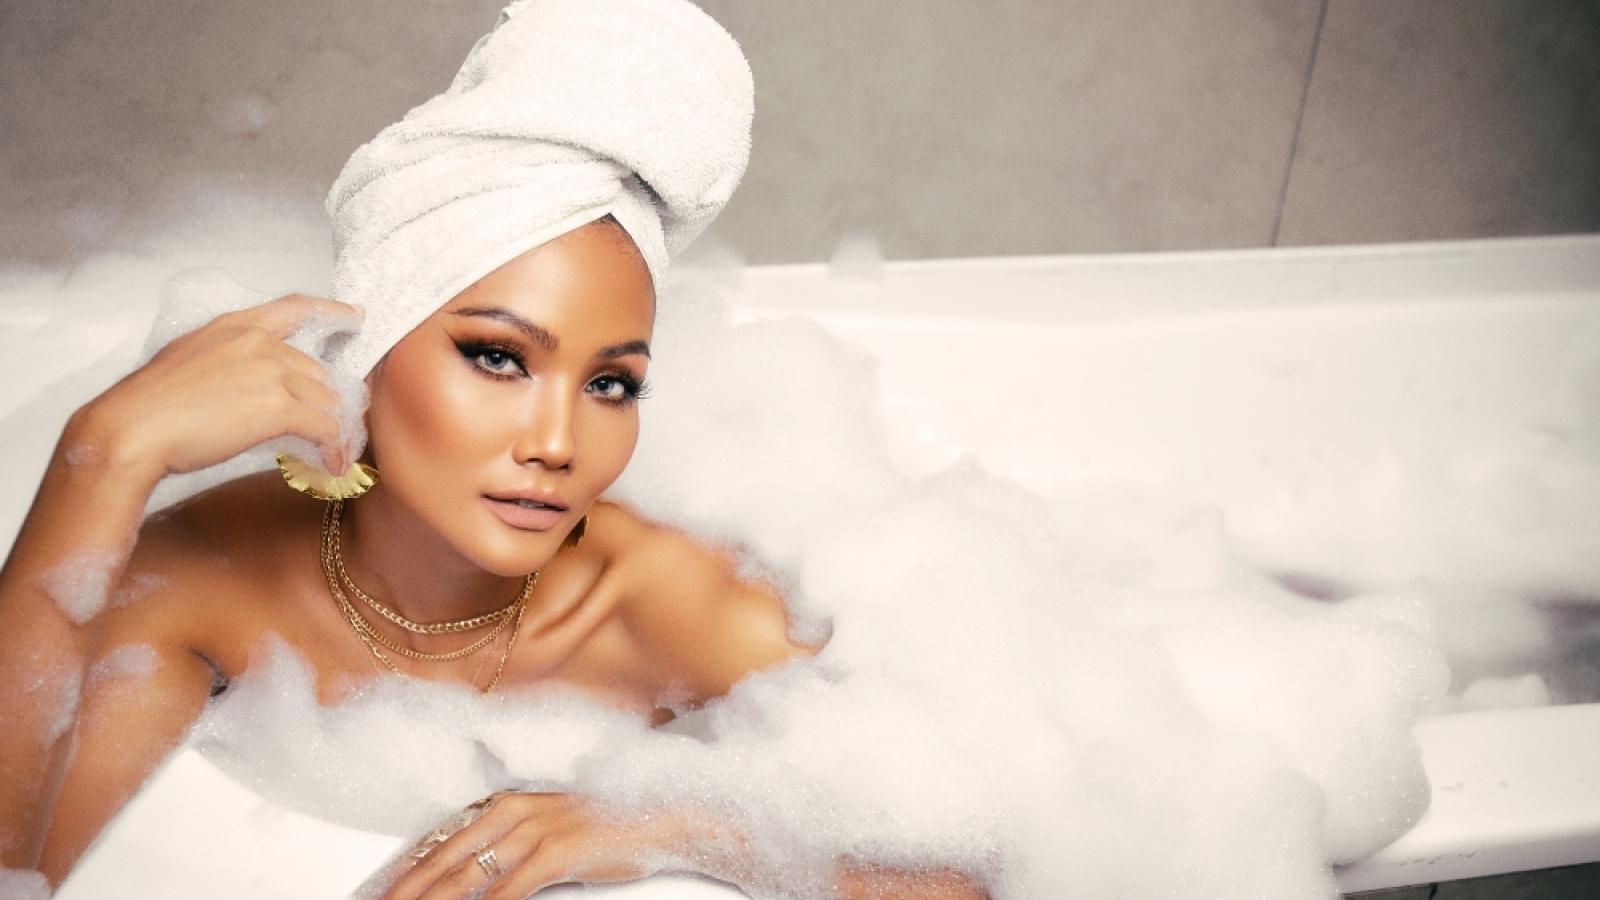 Chuyện showbiz: Hoa hậu H'Hen Niê tạo dáng gợi cảm trong bồn tắm